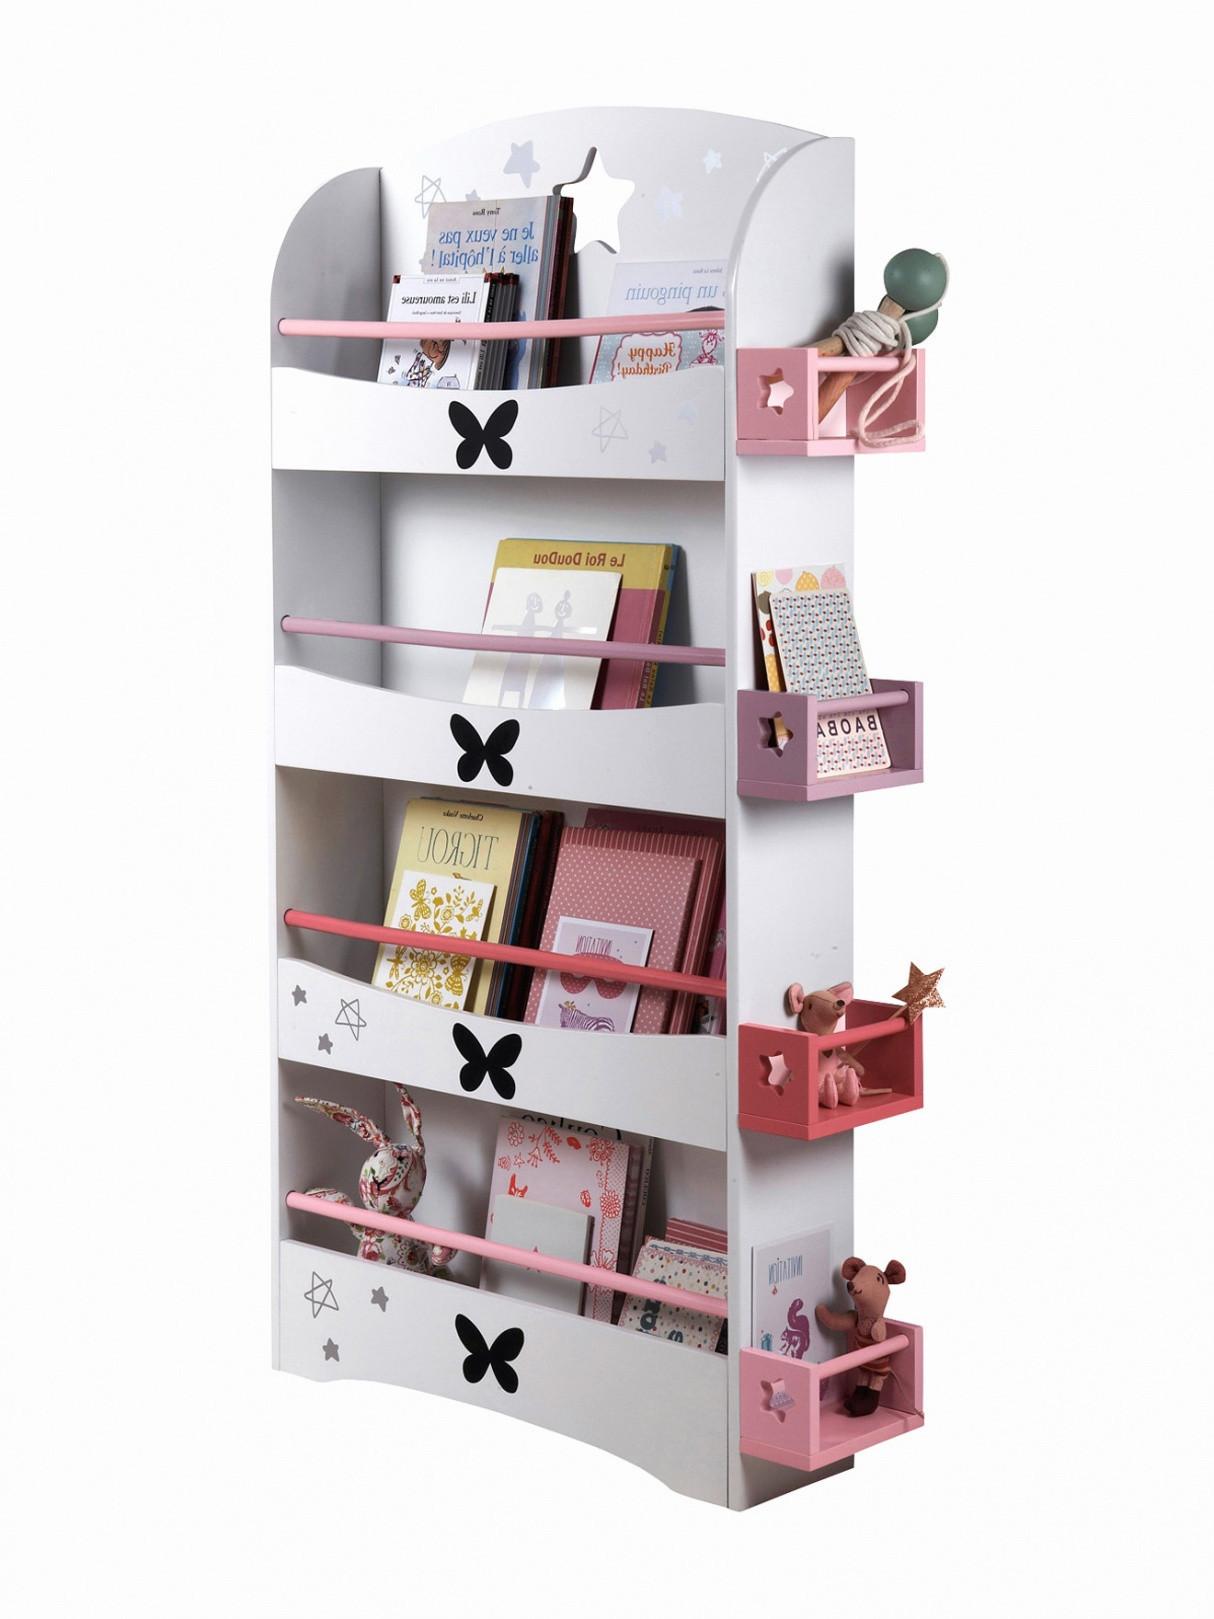 meuble rangement design 32 idees de design meuble de rangement chambre of meuble rangement design